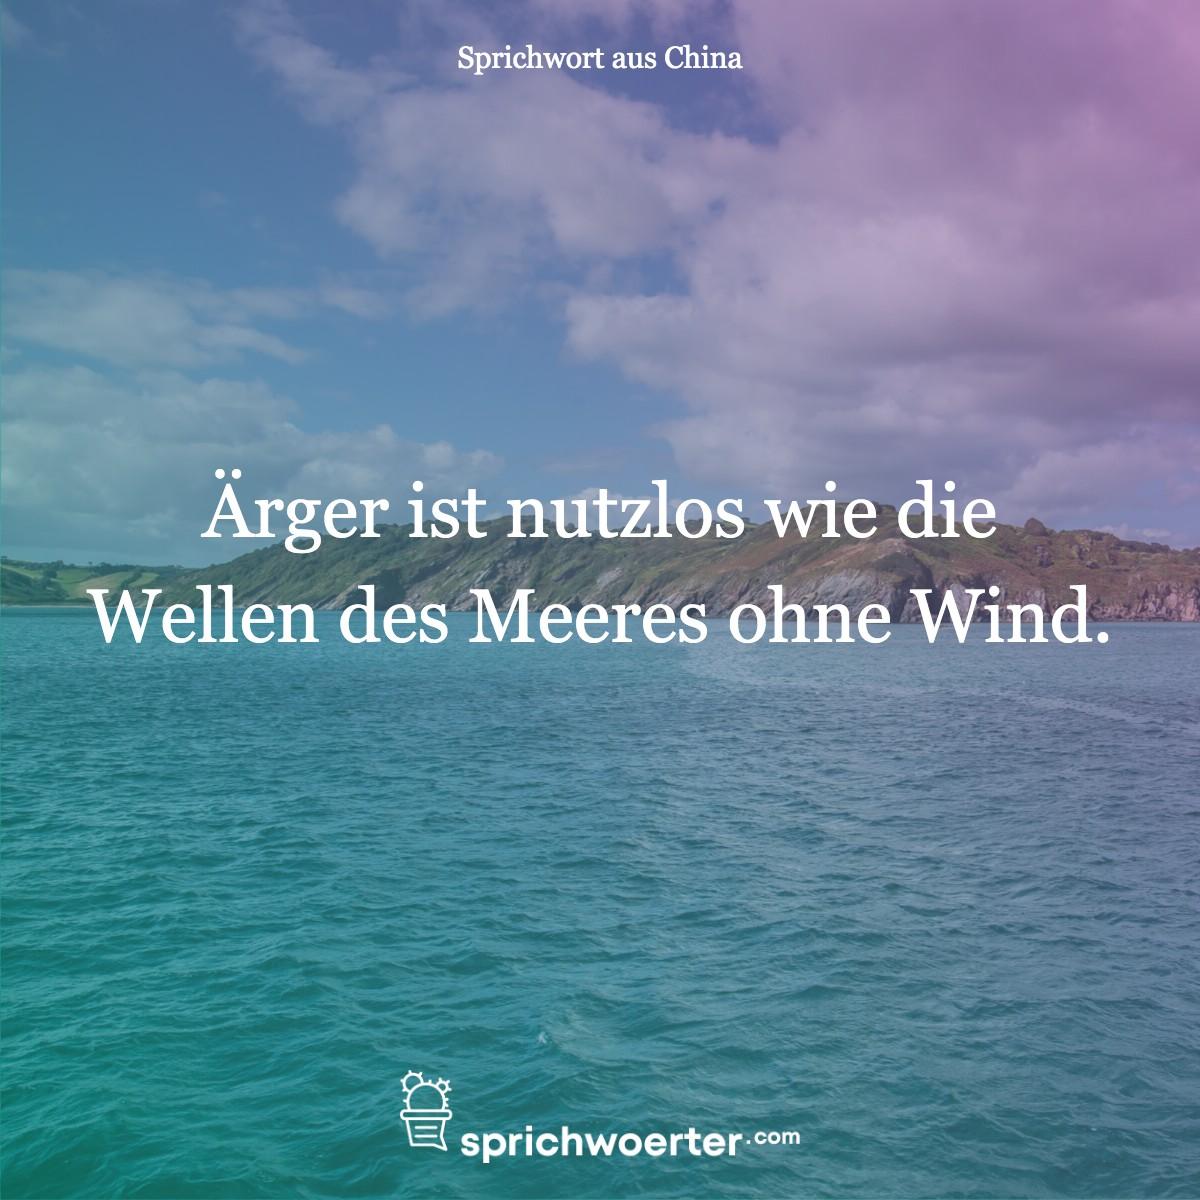 Ärger ist nutzlos wie die Wellen des Meeres ohne Wind. - Sprichwort, Spruch, Weisheit, Redewendung